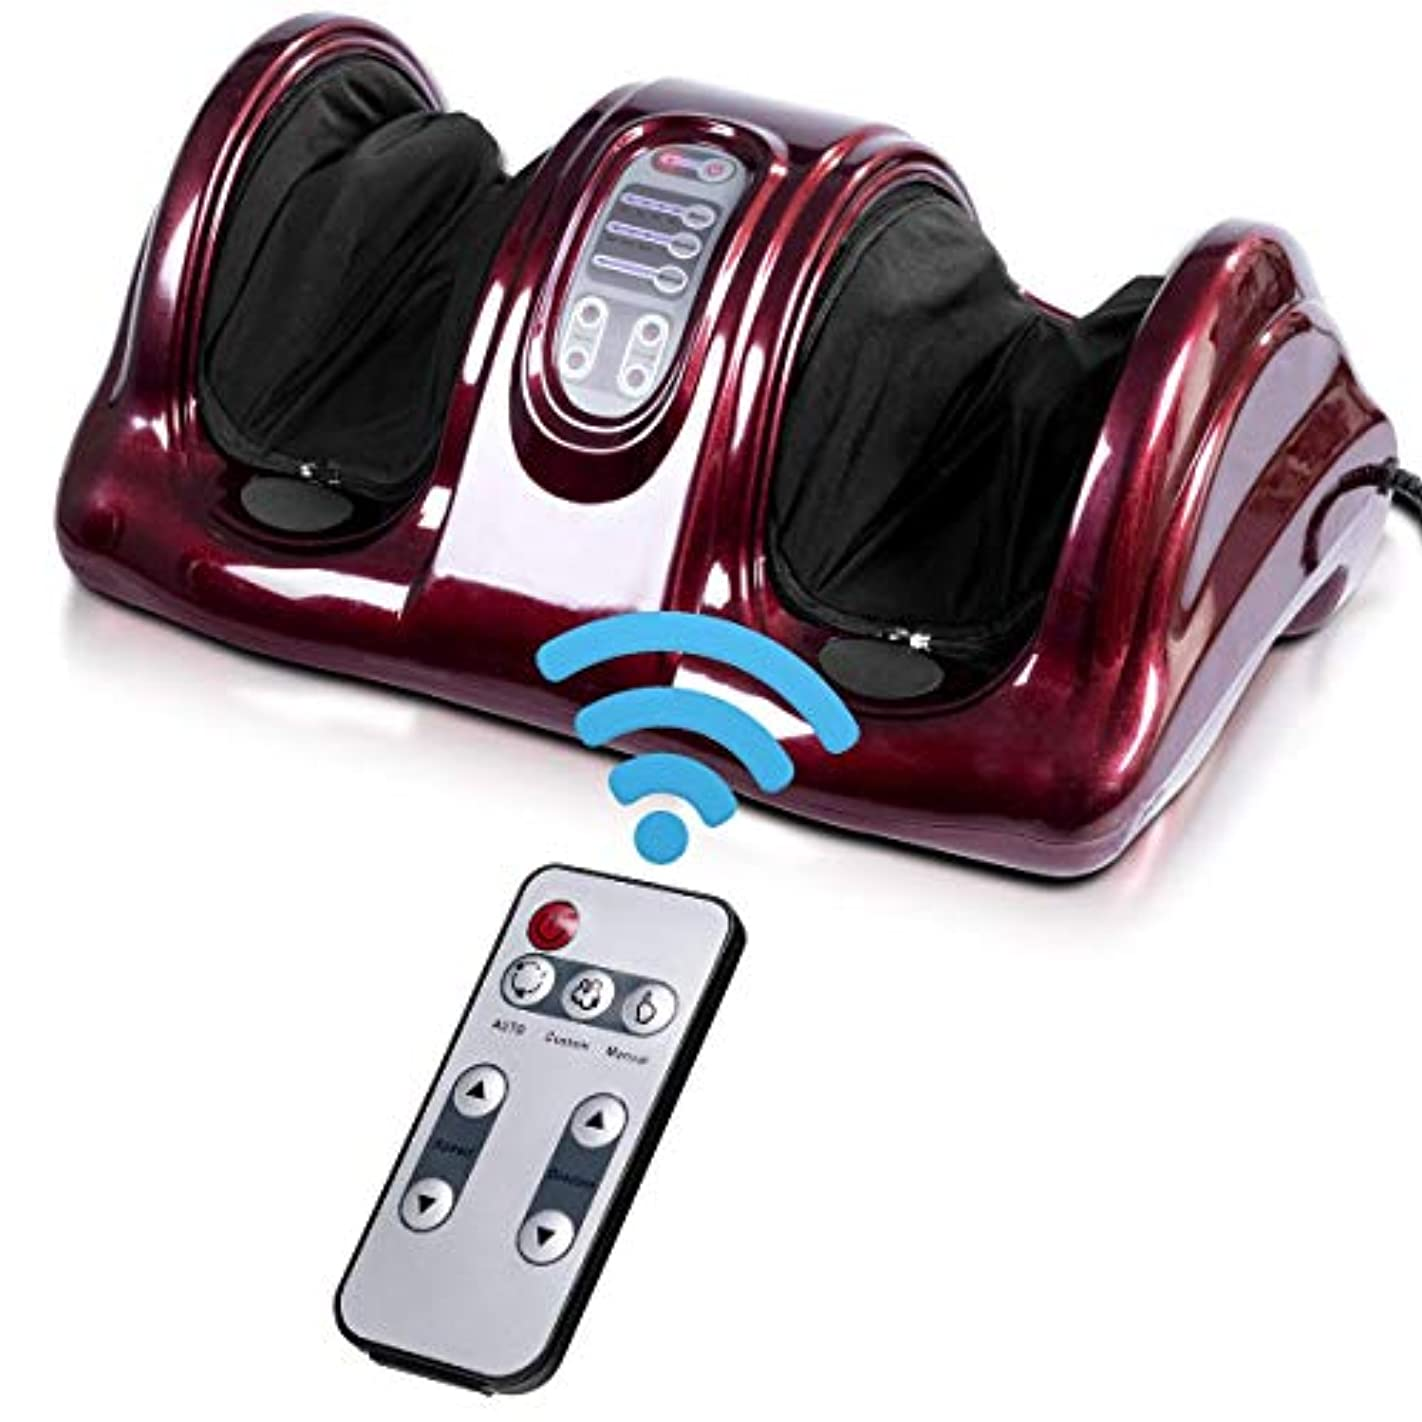 ホイスト不変カバー[Giantex][Giantex Foot Massager Machine Massage for Feet, Chronic Nerve Pain Therapy Spa Gift Deep Kneading Rolling...